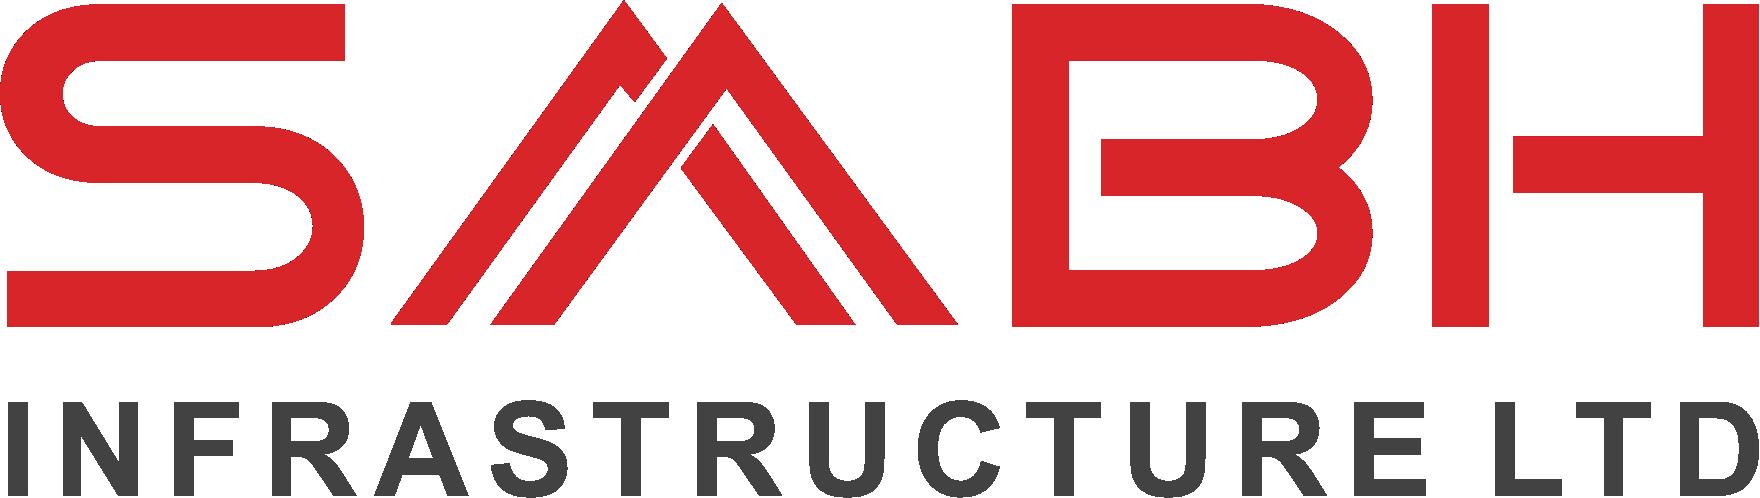 Sabh Infrastructure Ltd Logo